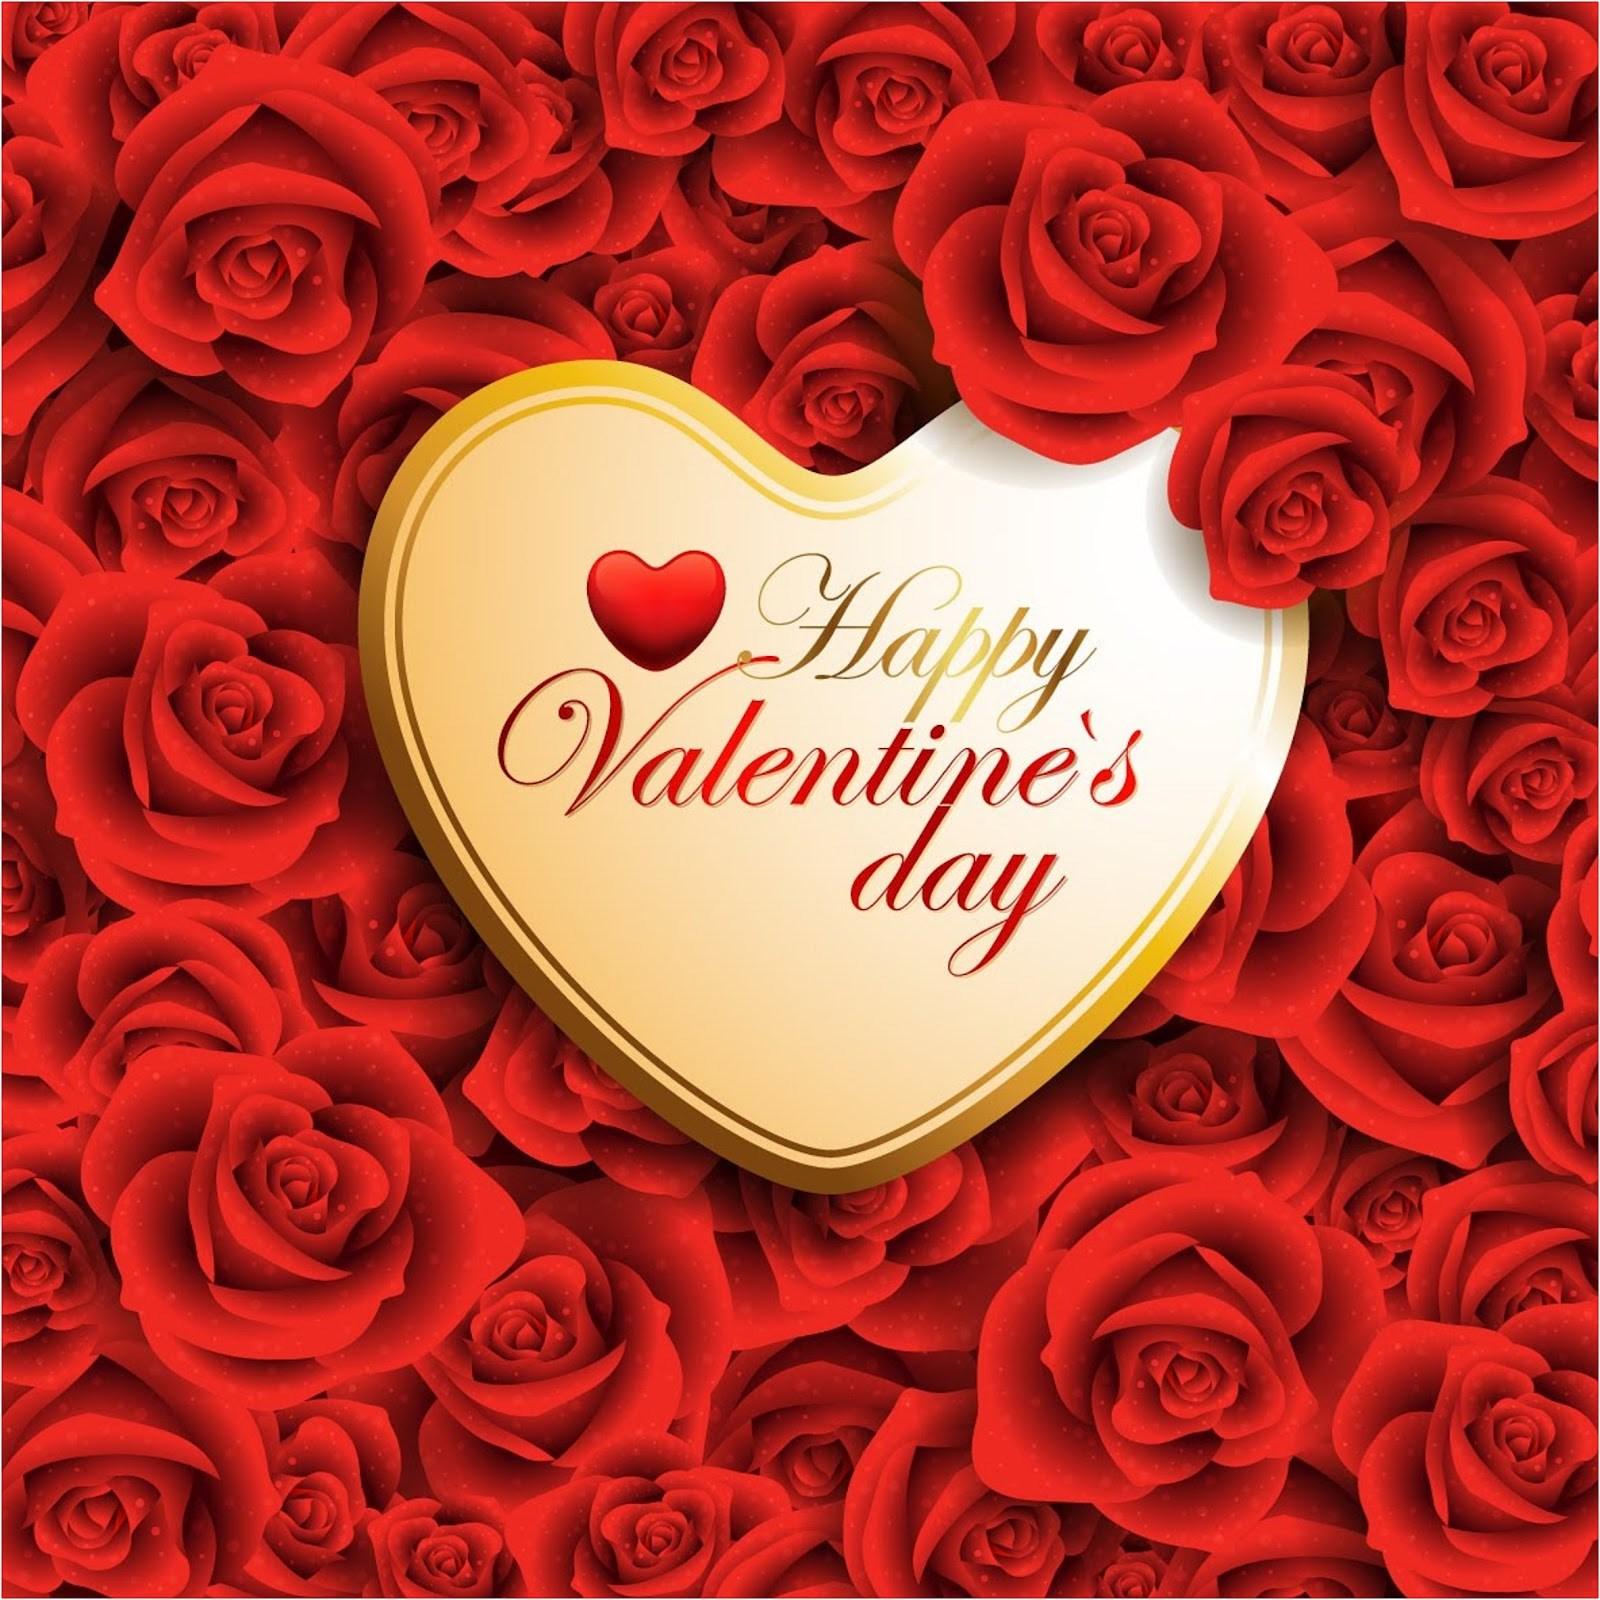 ce happy valentines day - 736×736